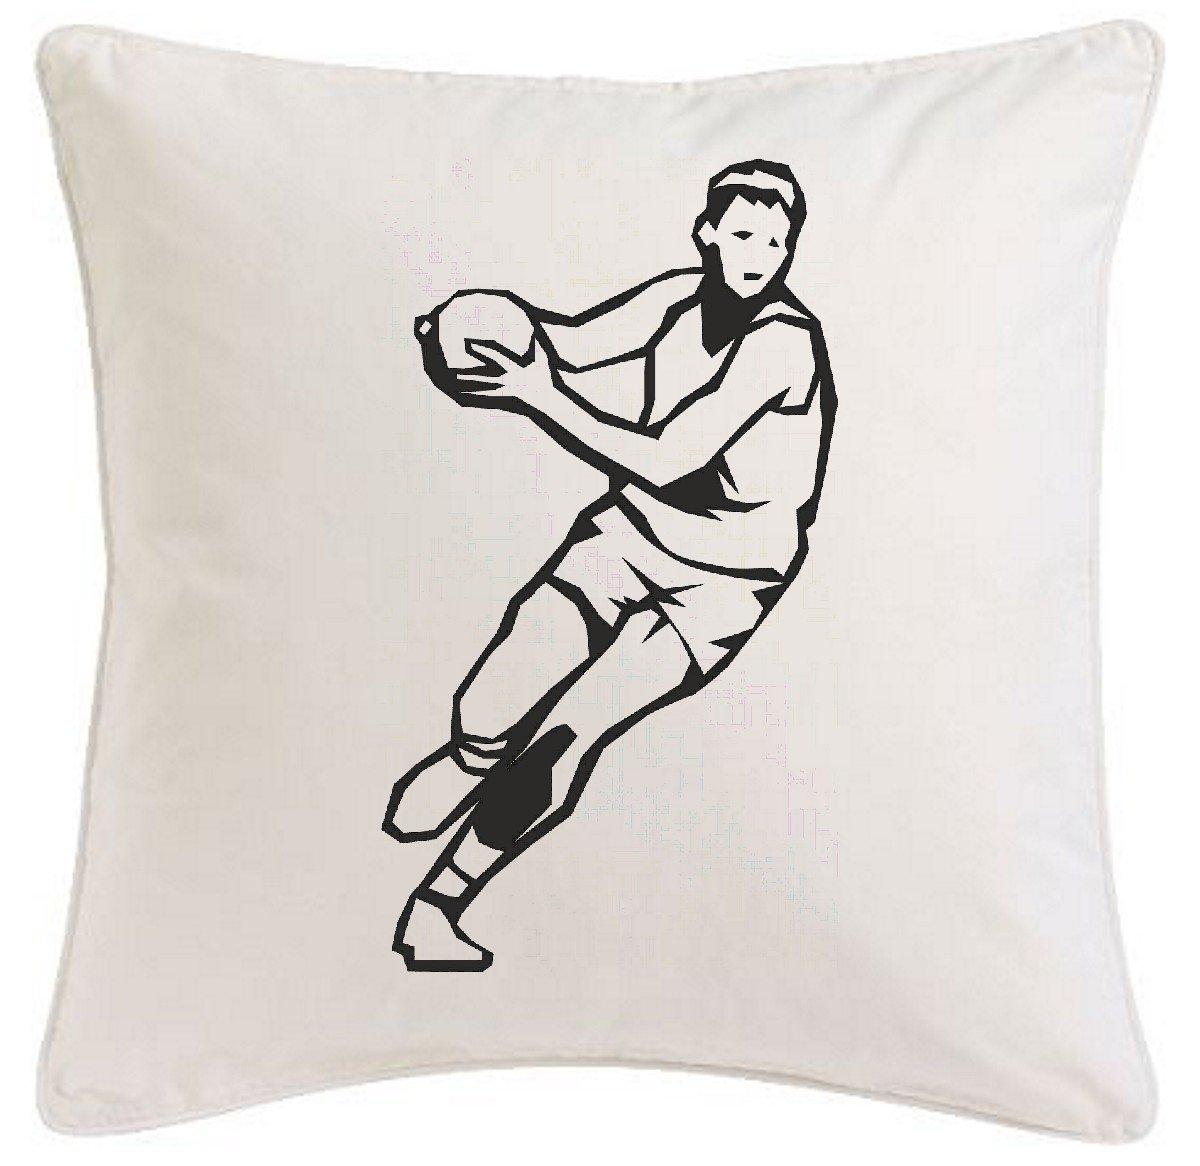 funda de la almohada 40x40cm Balonmano Fútbol Voleibol Baloncesto Deporte microfibra ... regalo ideal y la decoración de buen gusto para cada salón o el ...